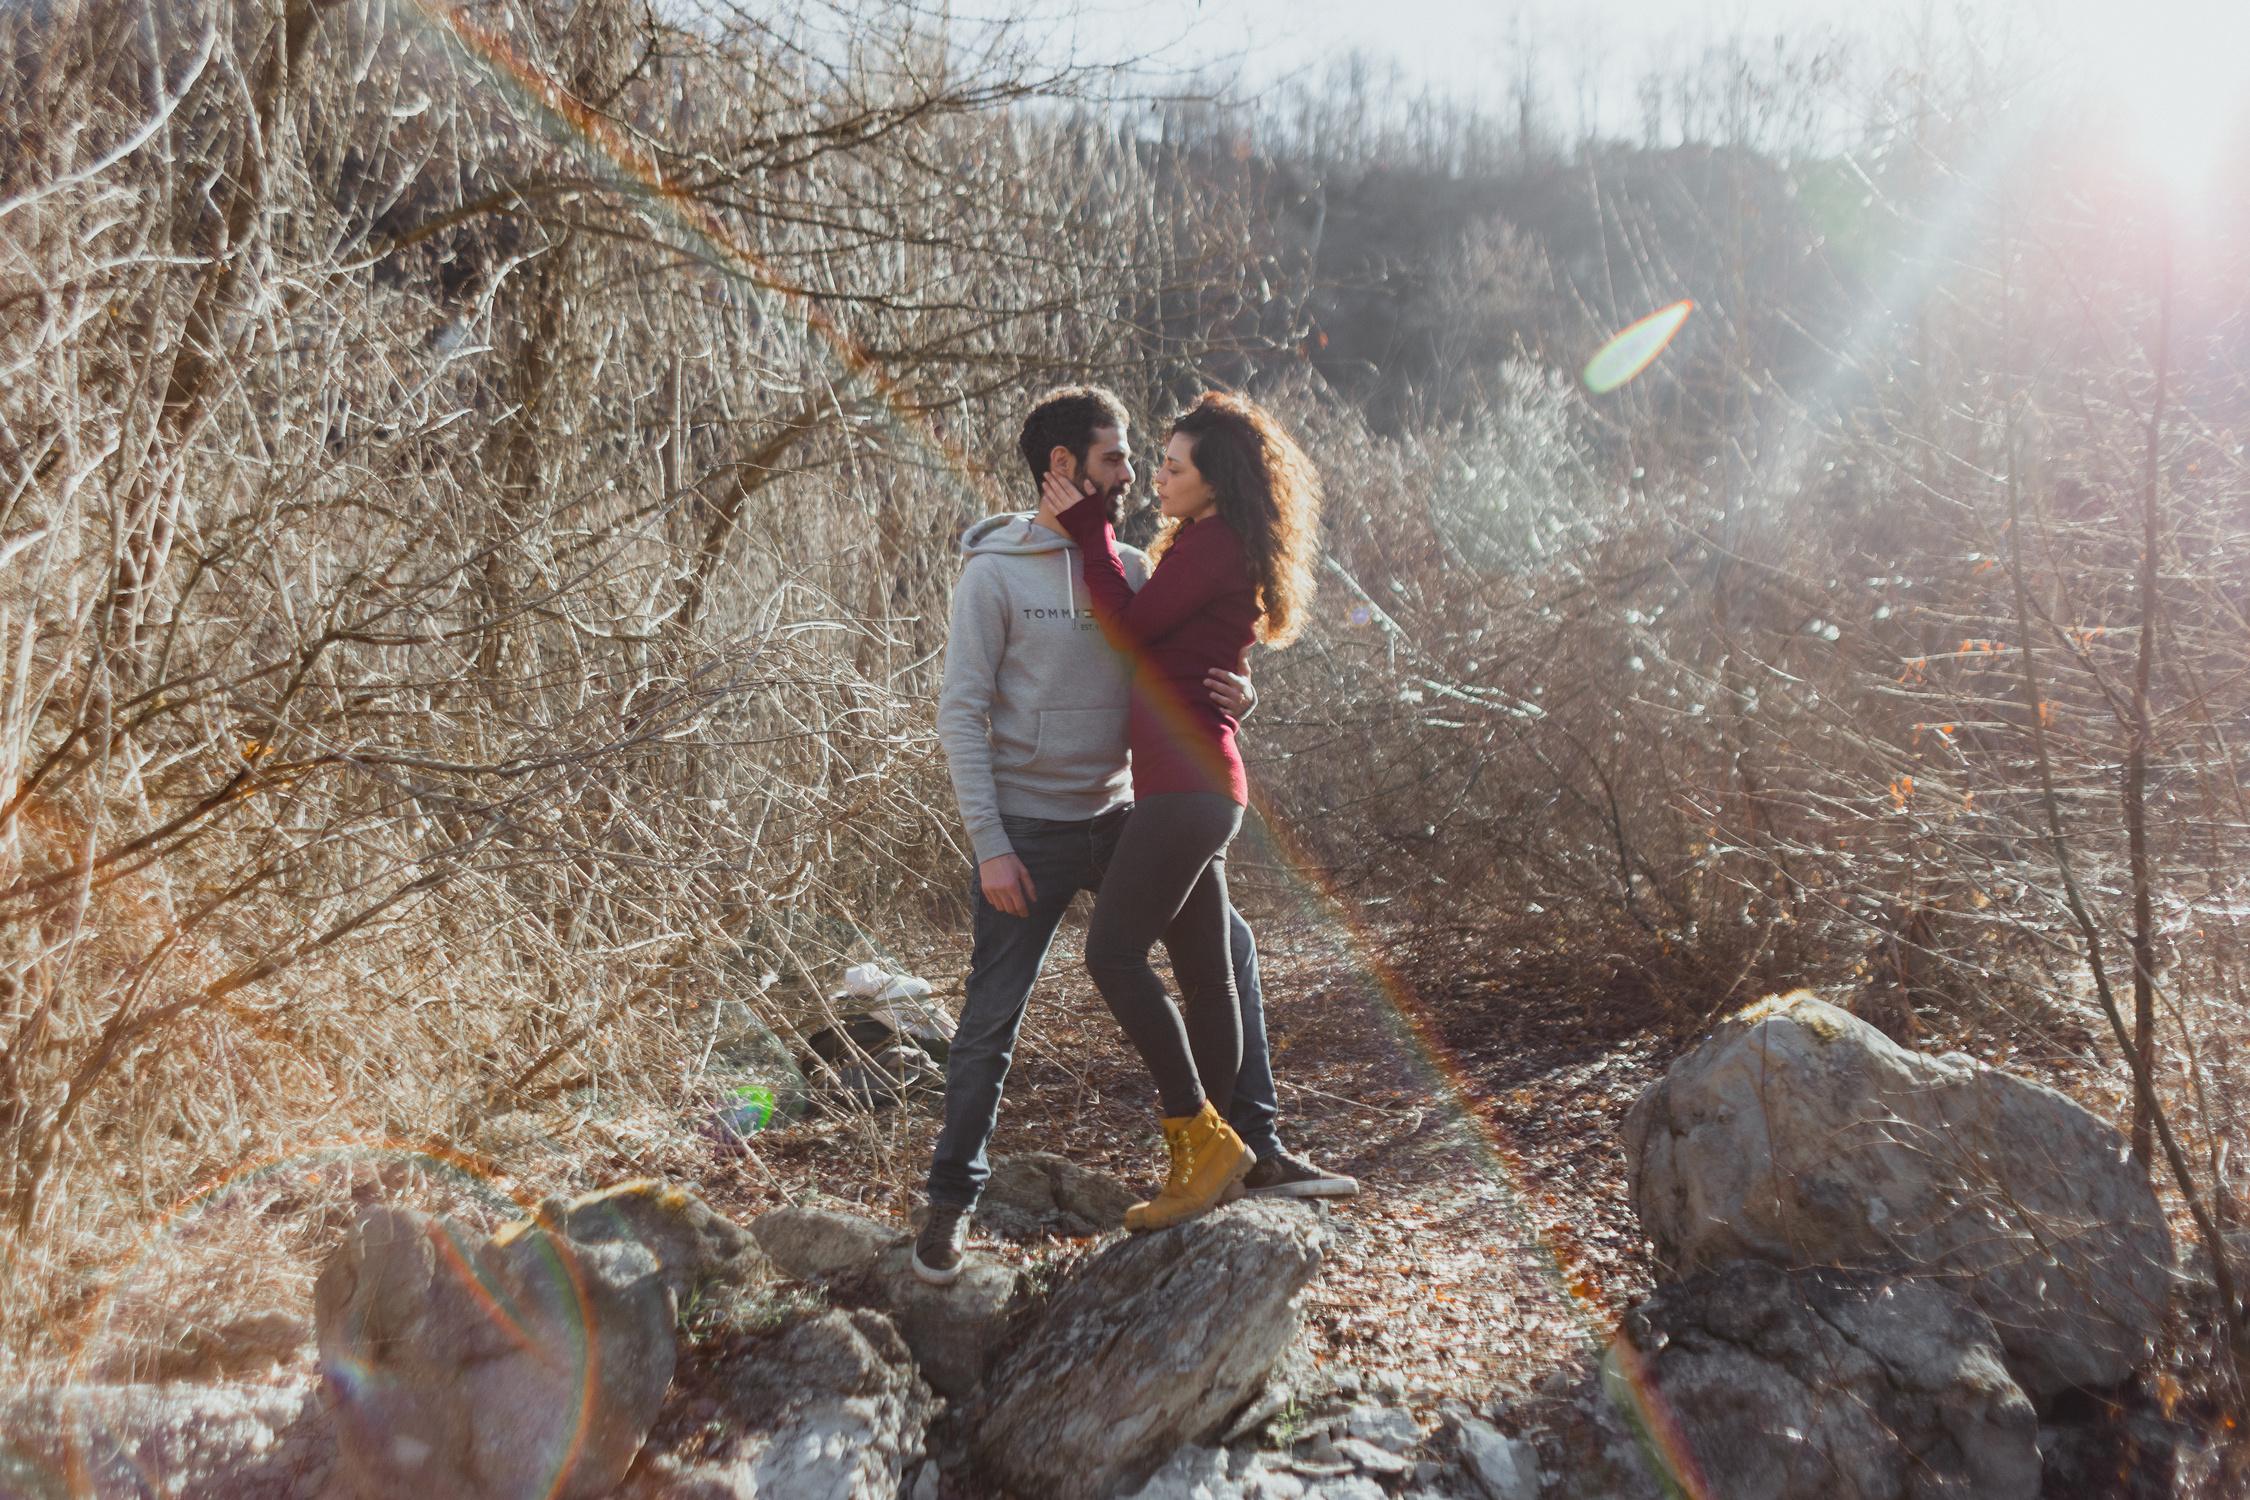 Coppia su una roccia in mezzo agli alberi invernali, con lens flare